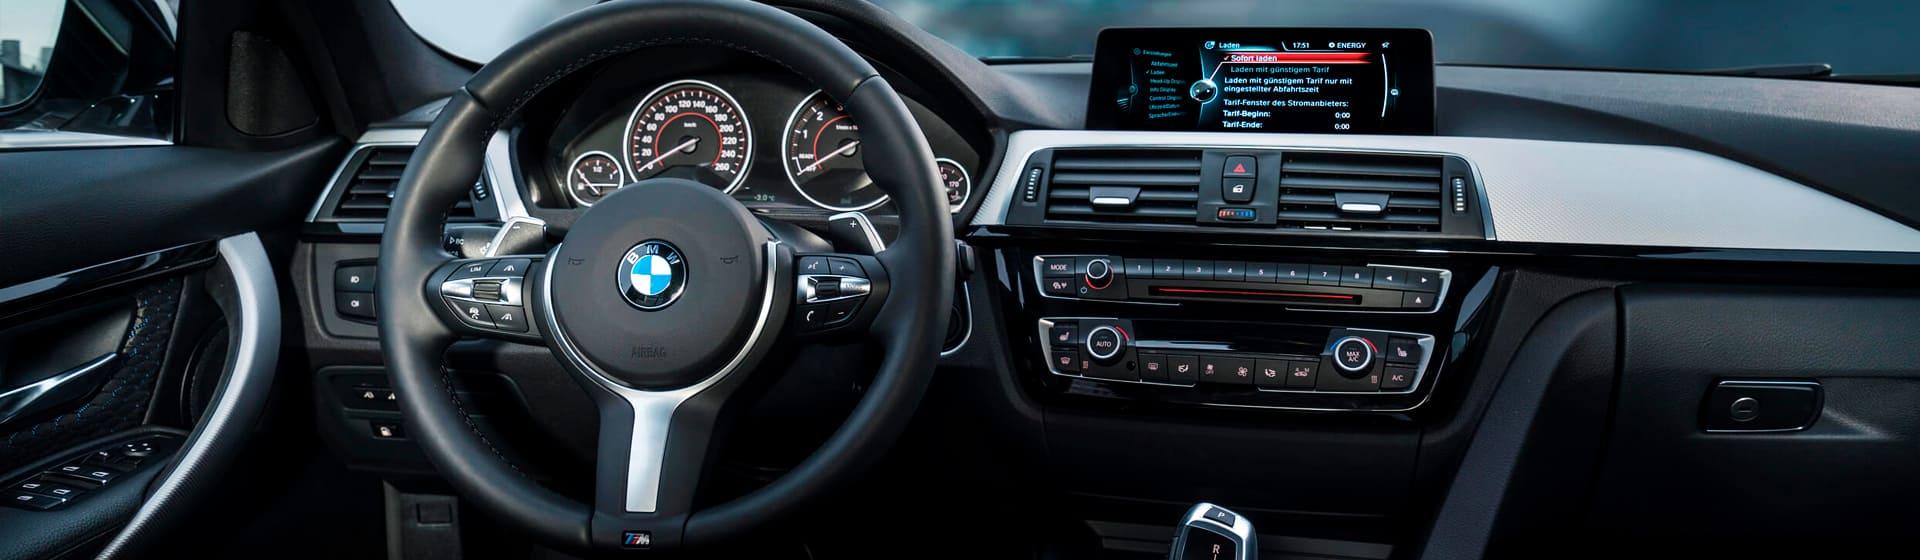 Автомобильная стилистика и акцент на одежду для автолюбителей